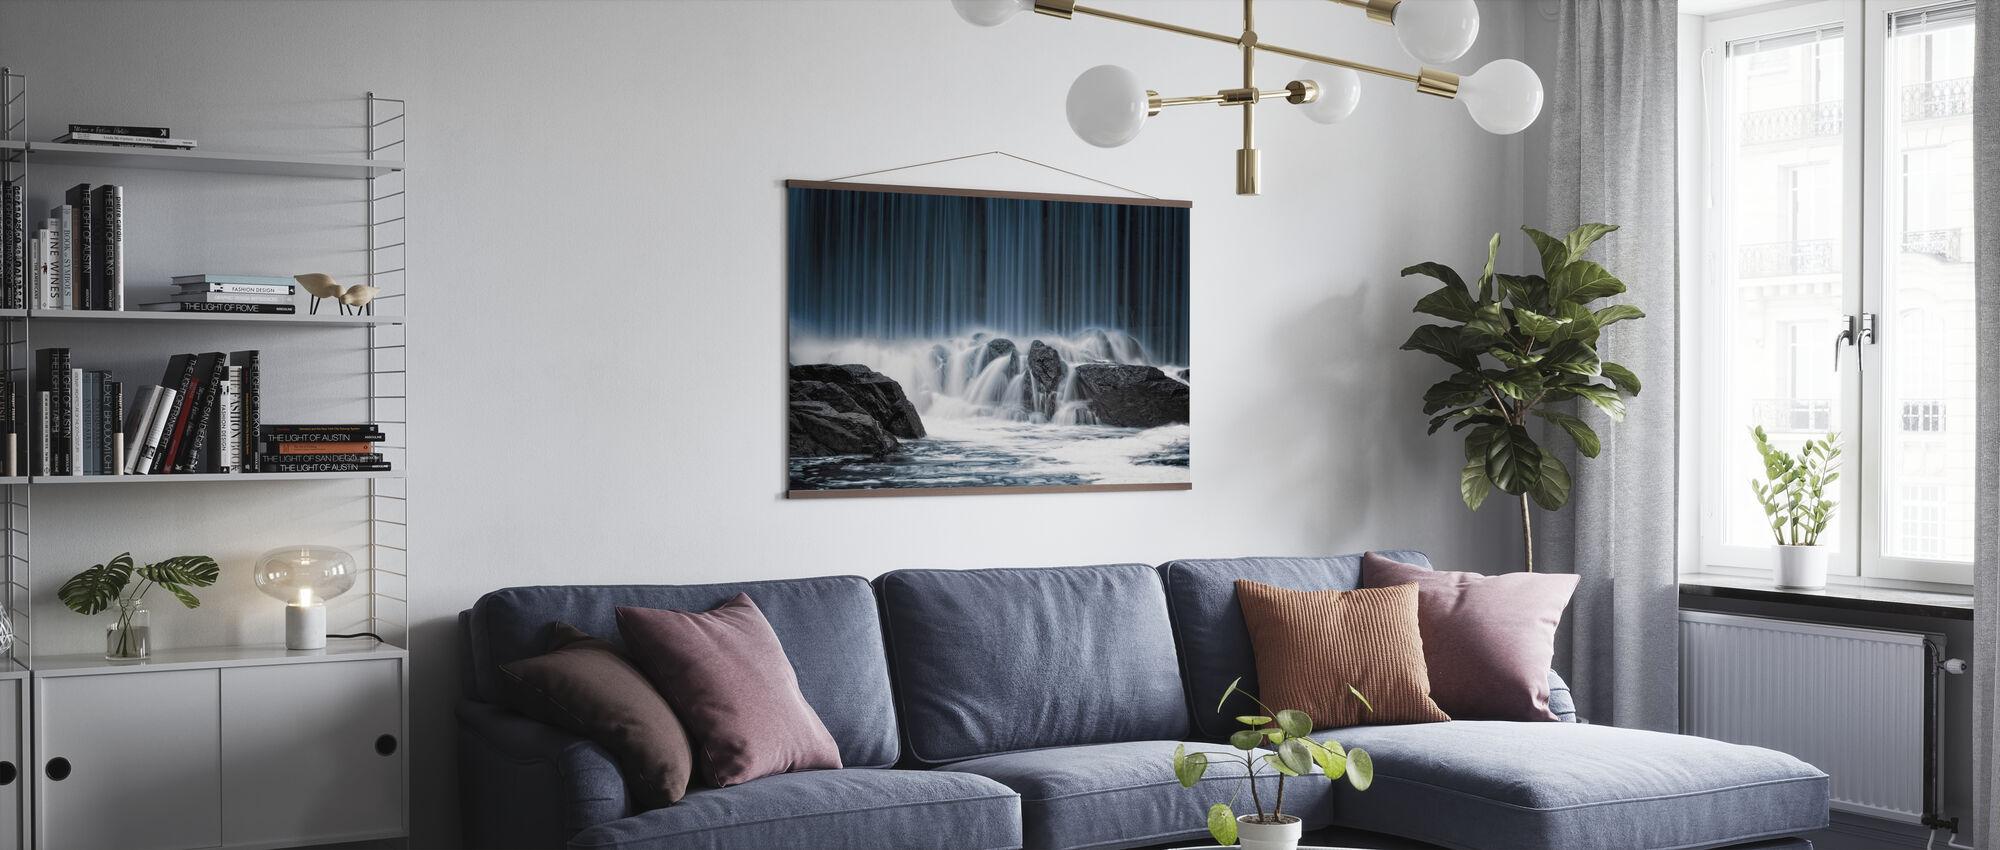 Wasservorhang - Poster - Wohnzimmer